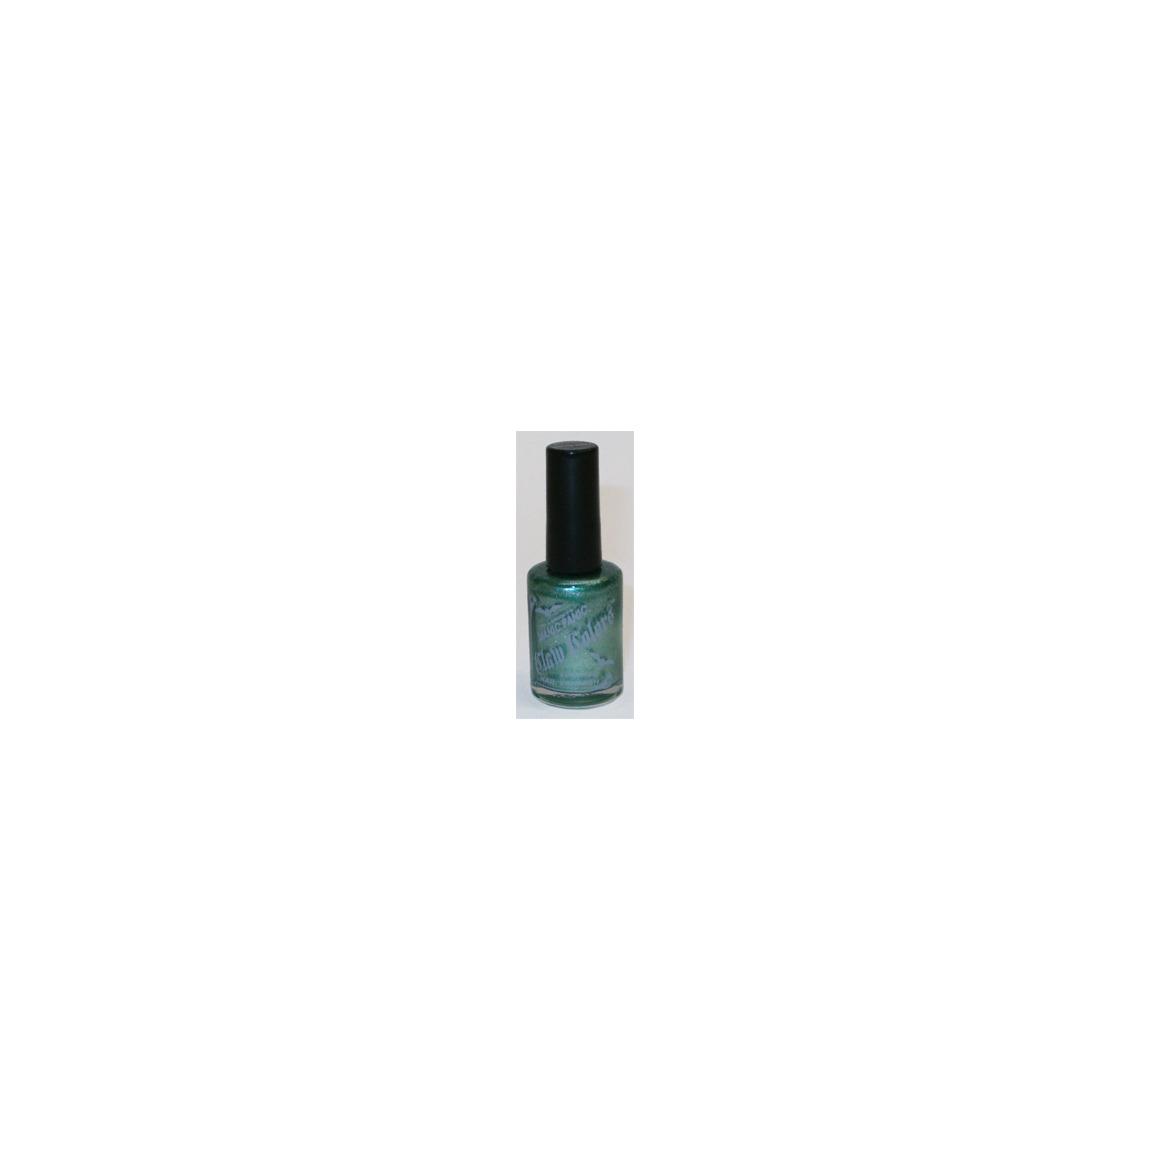 Manic Panic Metallic Nail Polish Green Envy | Beautylish